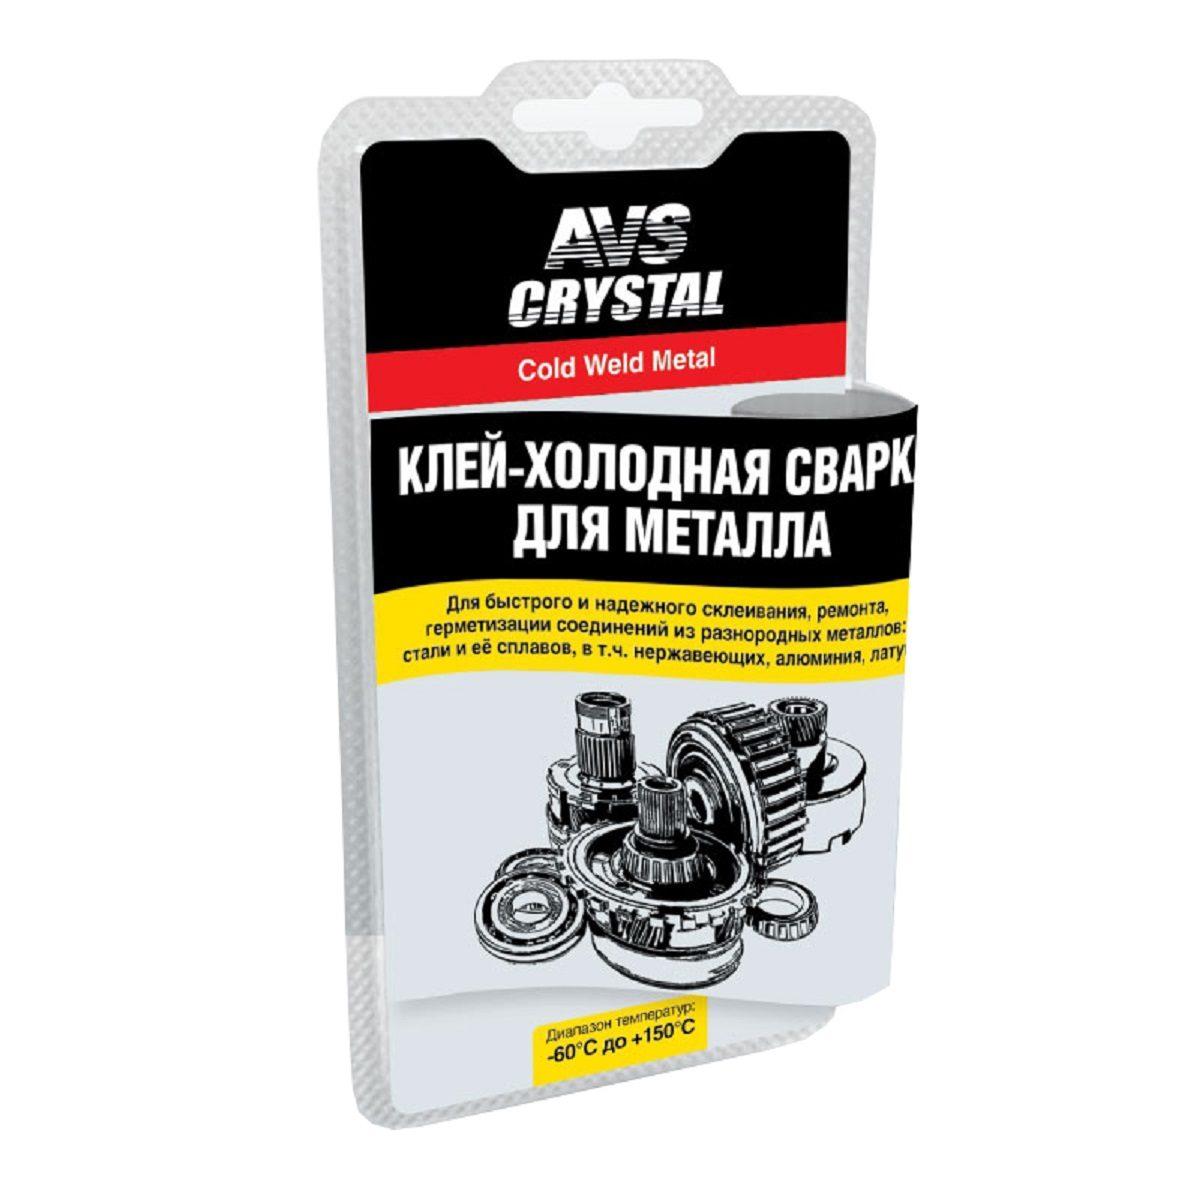 holodnaya-svarka-dlya-metalla-3-1-9382848